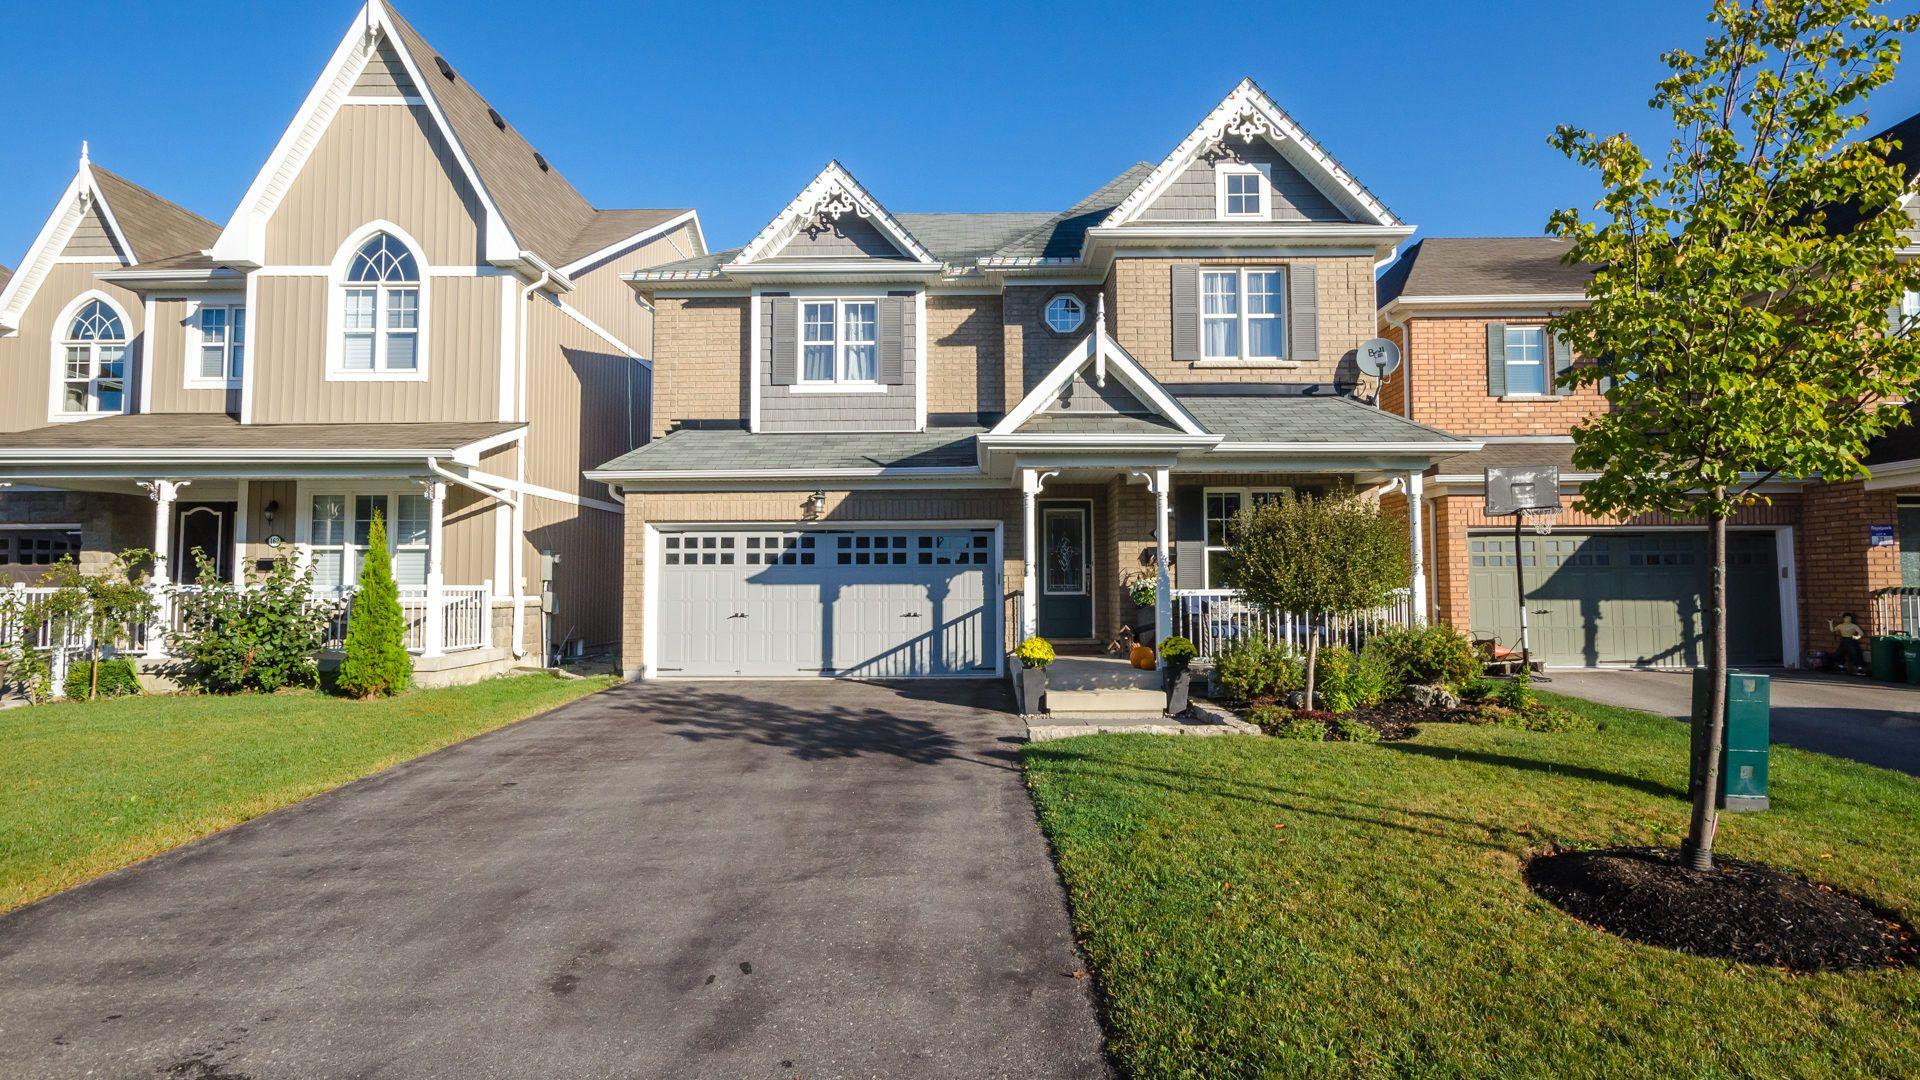 164 Shephard Avenue Alliston Ontario House Styles Real Estate Video Ontario